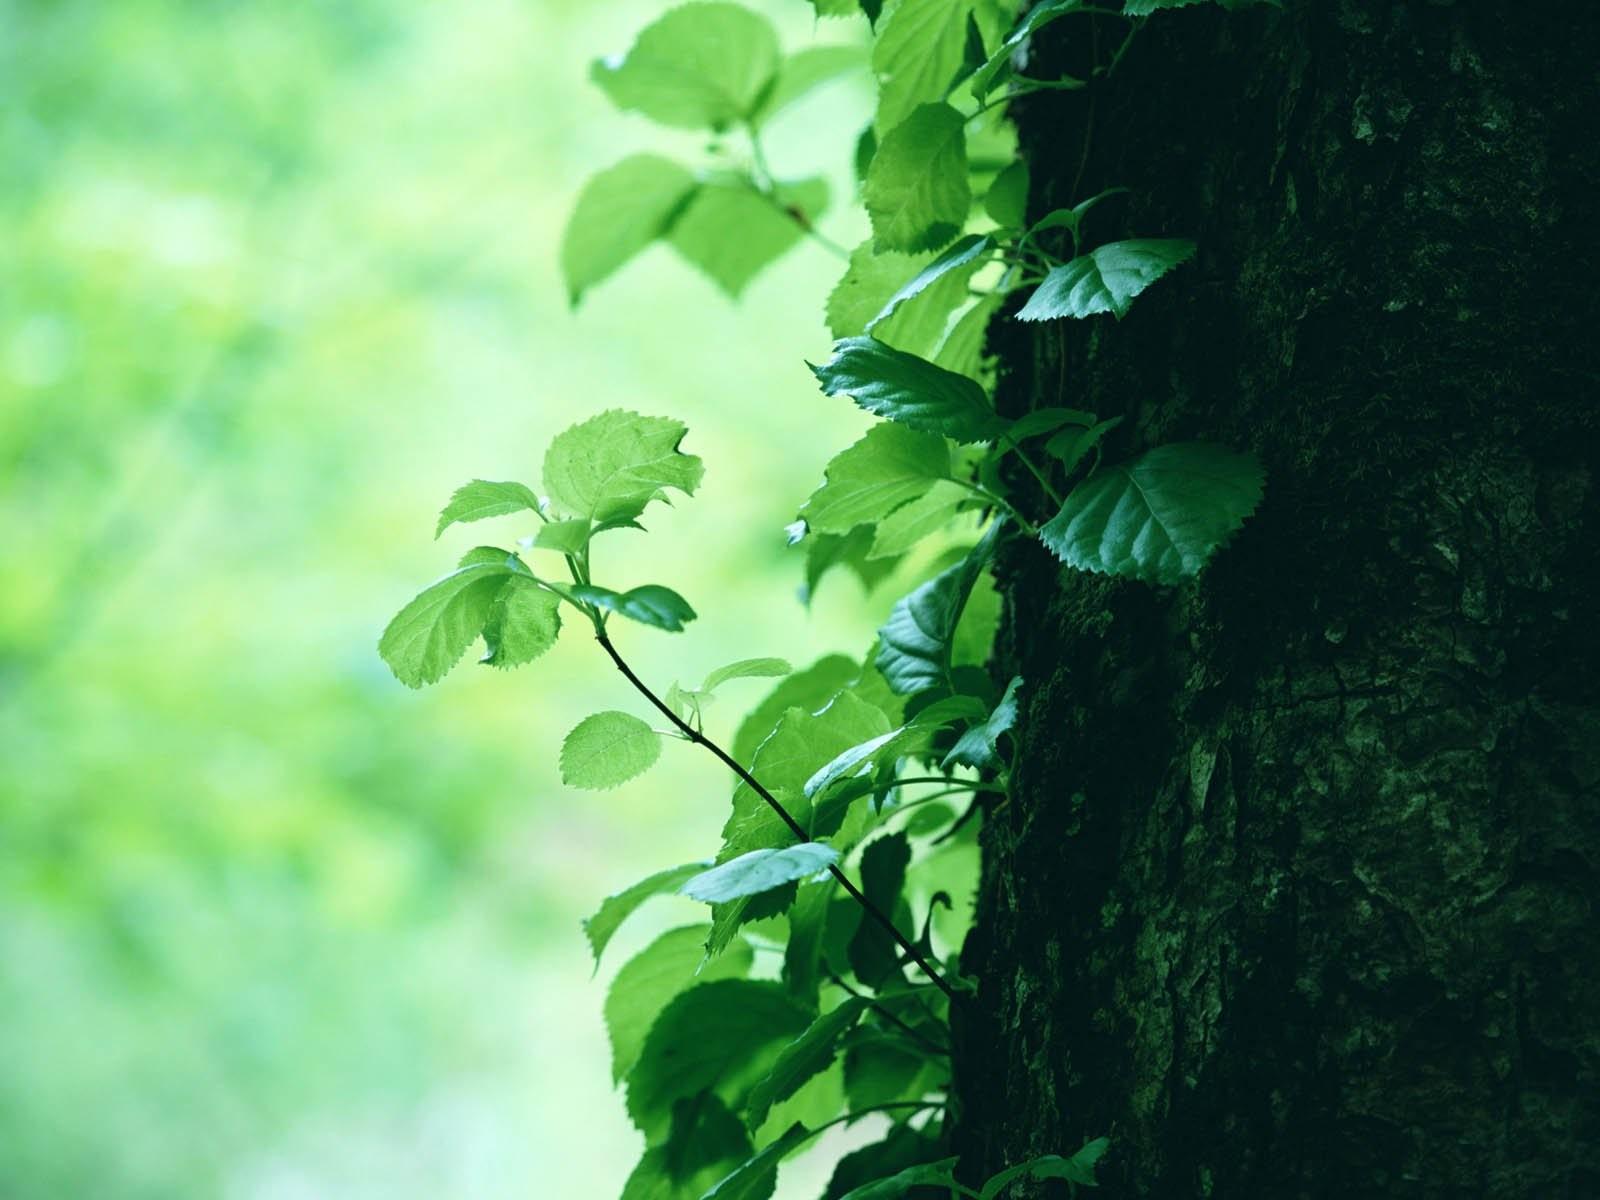 изображены постройки картинки деревья серо зеленые правило, первое